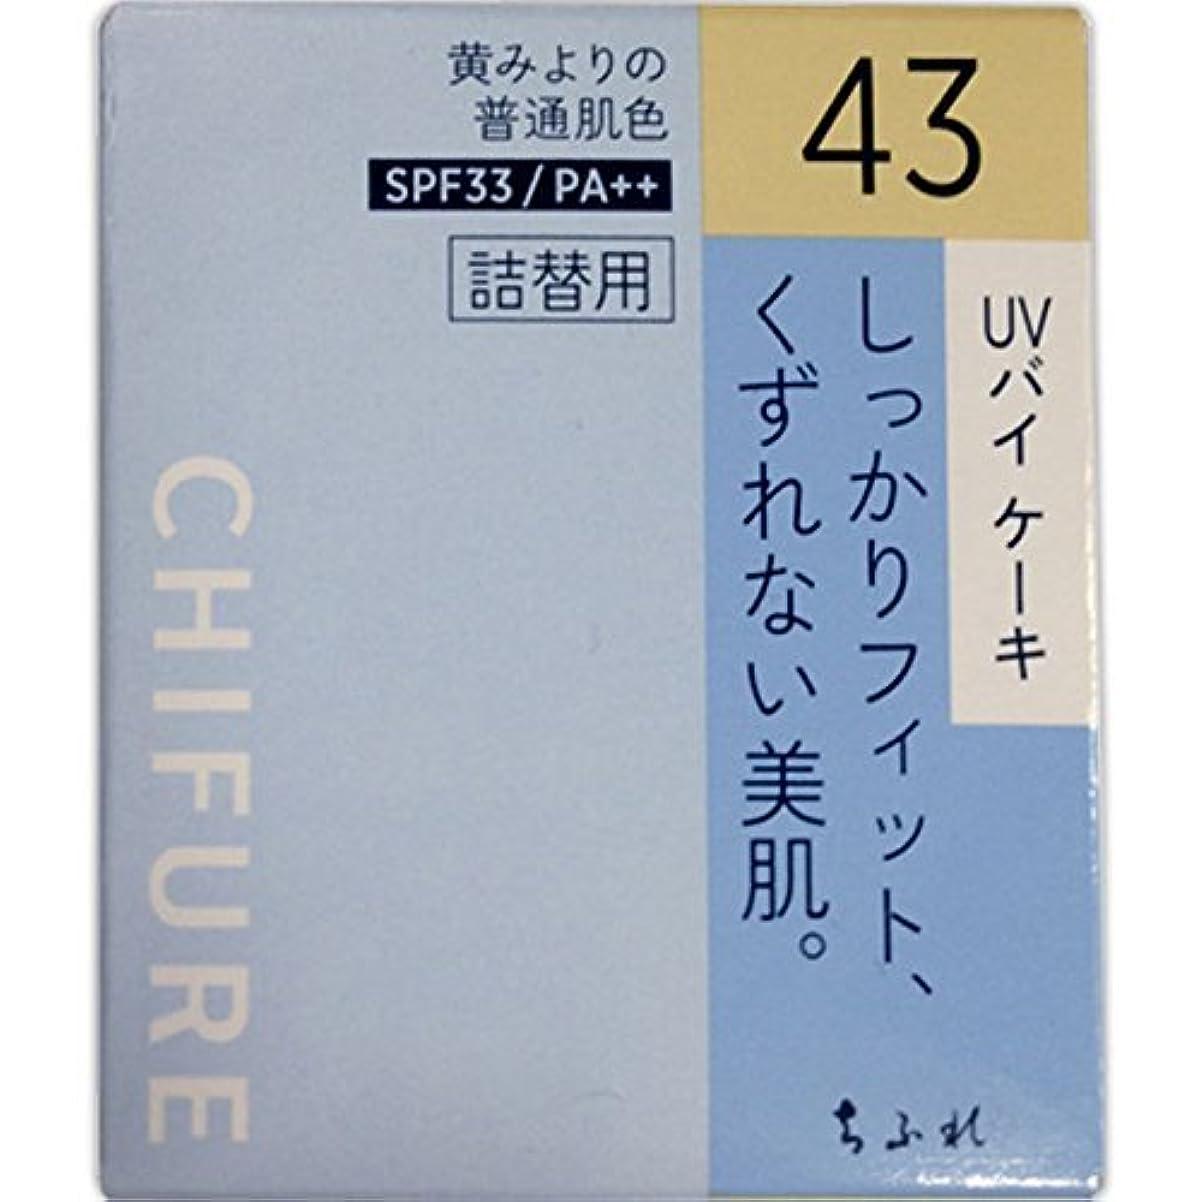 ダーリン調子五ちふれ化粧品 UV バイ ケーキ 詰替用 43 黄みよりの普通肌色 43